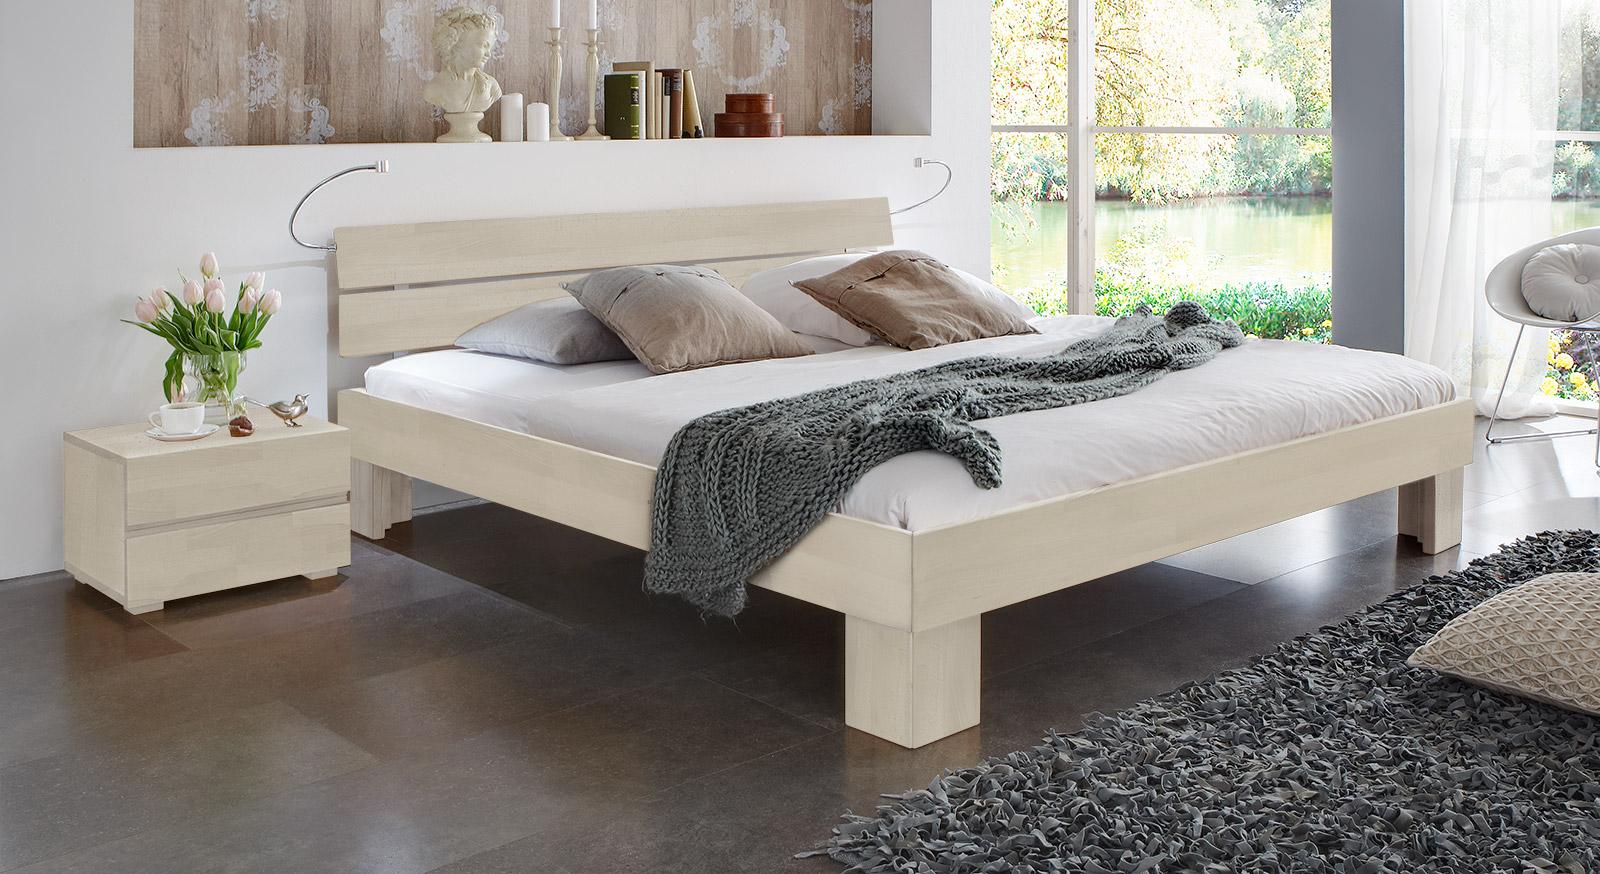 Bett Lucca in Buche weiß mit einer Komfort Fußhöhe von 25cm.